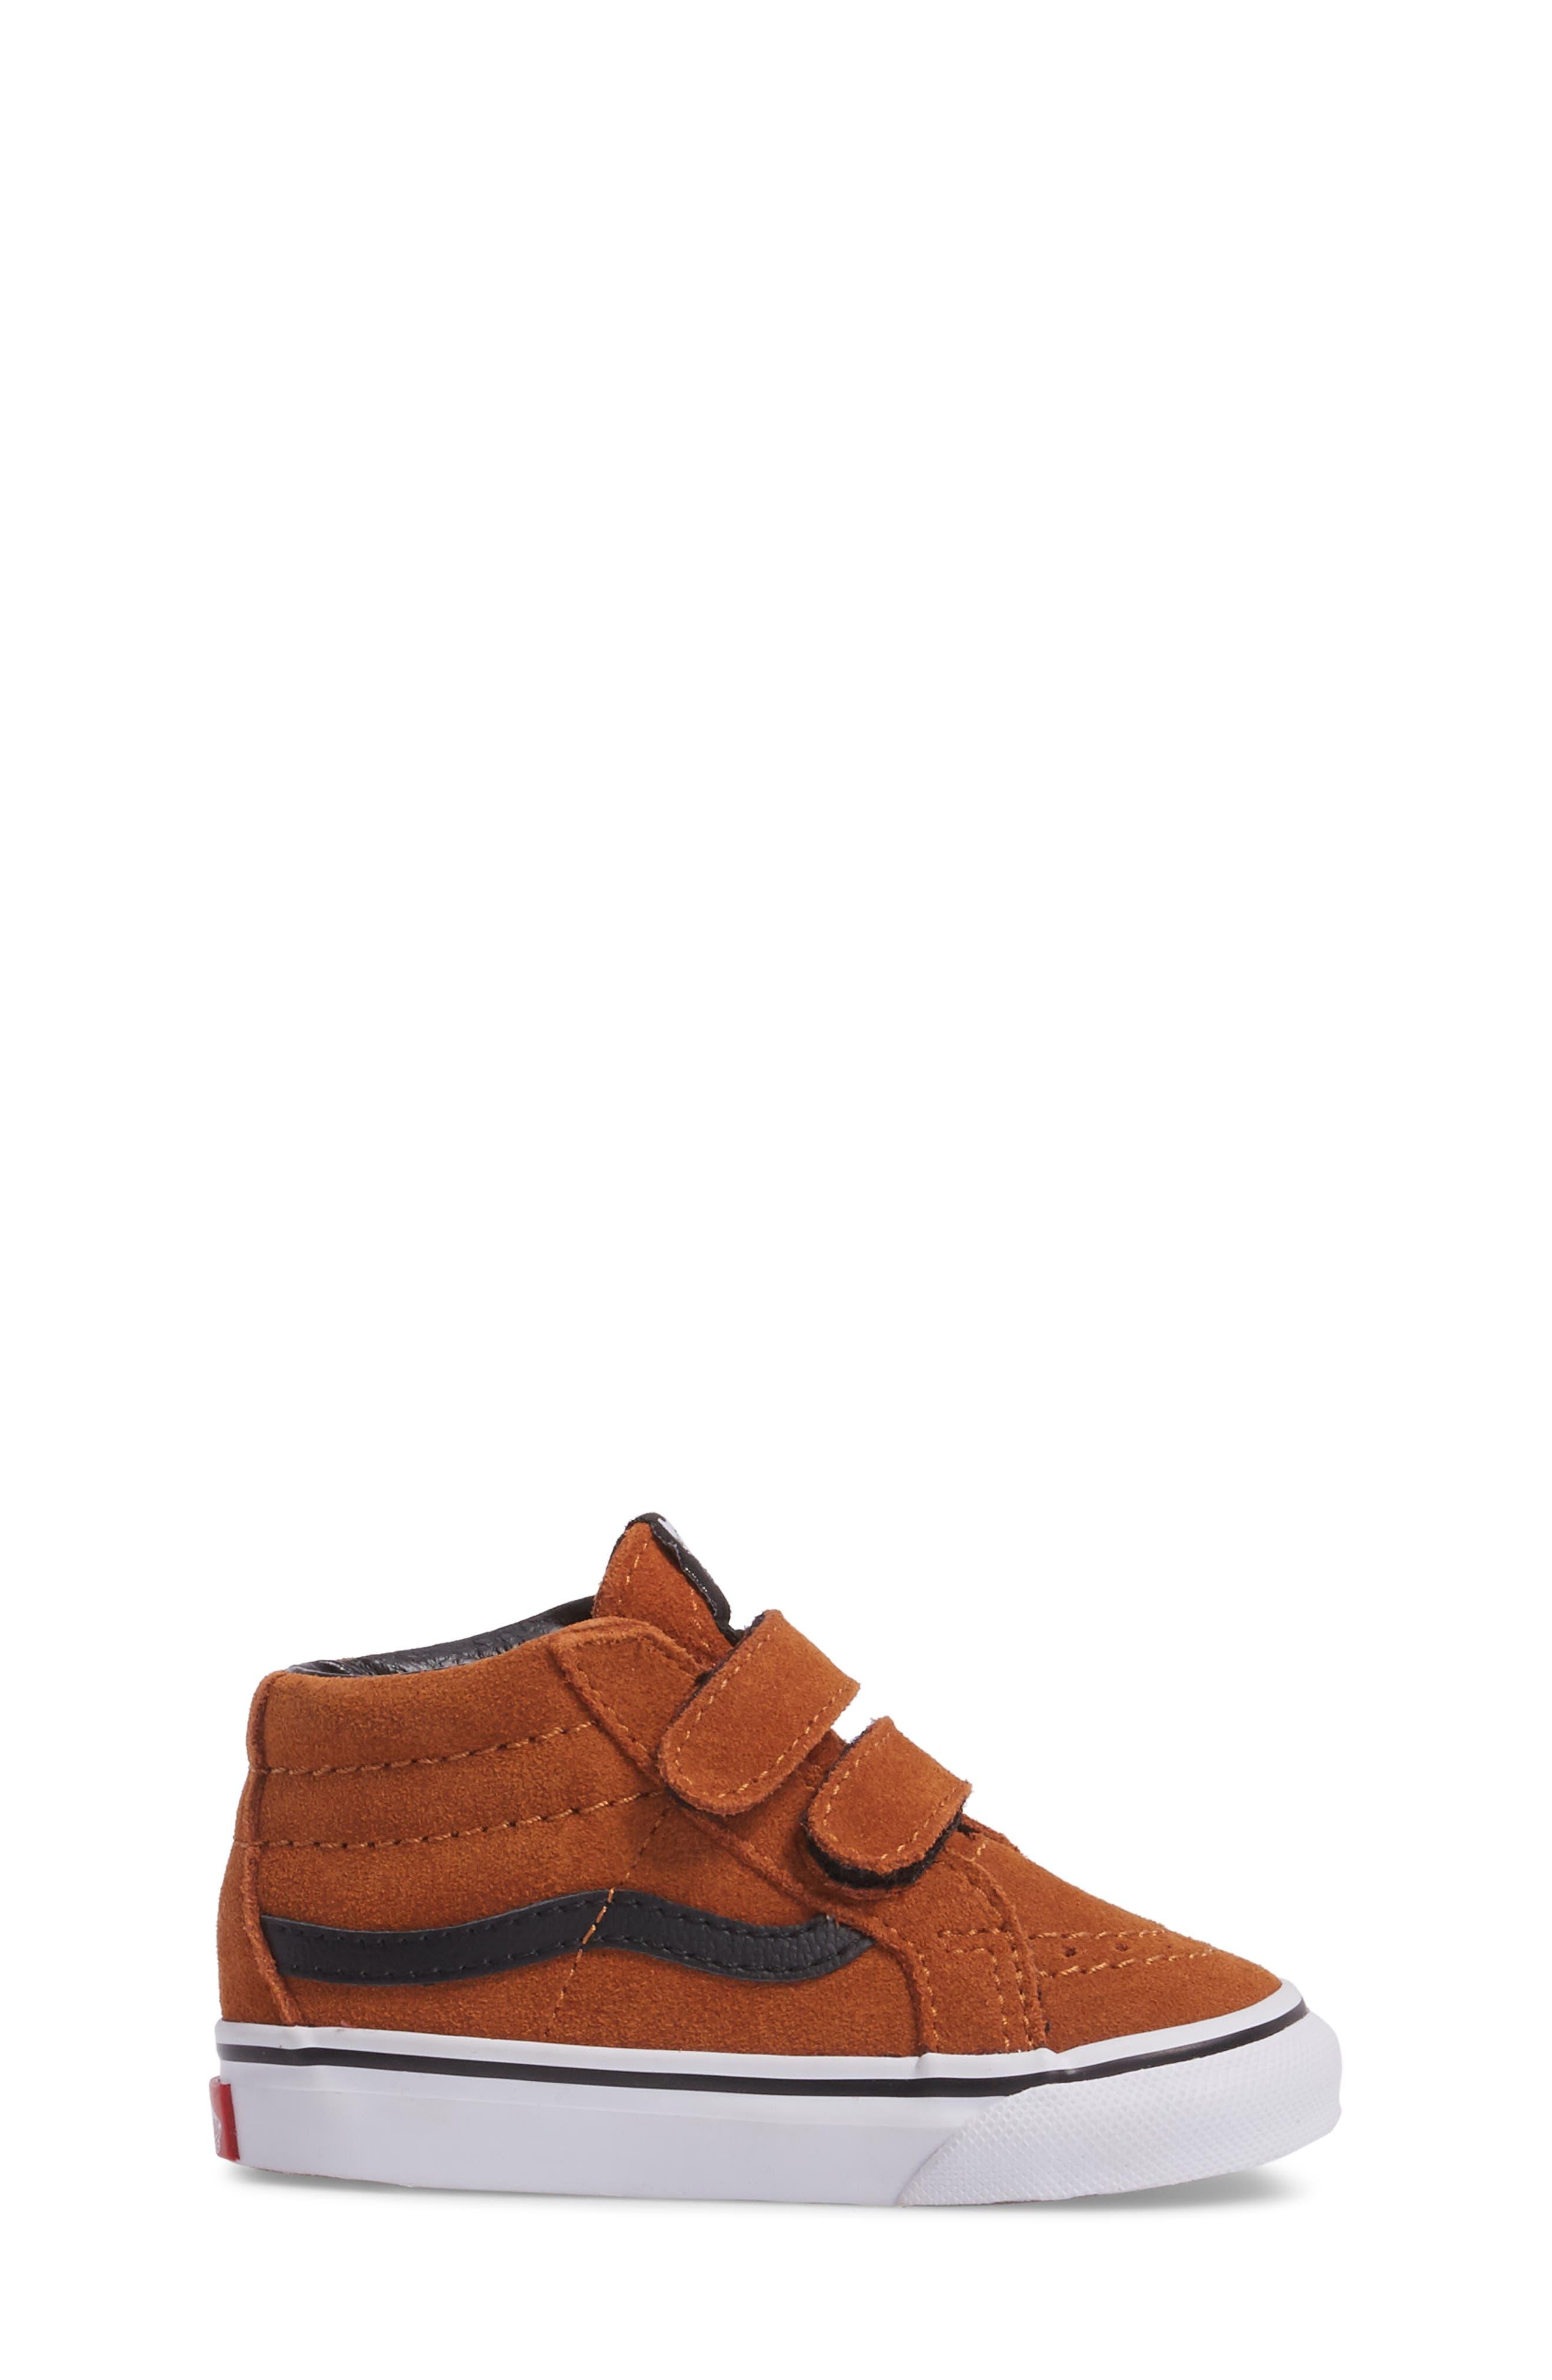 SK8-Mid Reissue Sneaker,                             Alternate thumbnail 3, color,                             Glazed Ginger/ Black